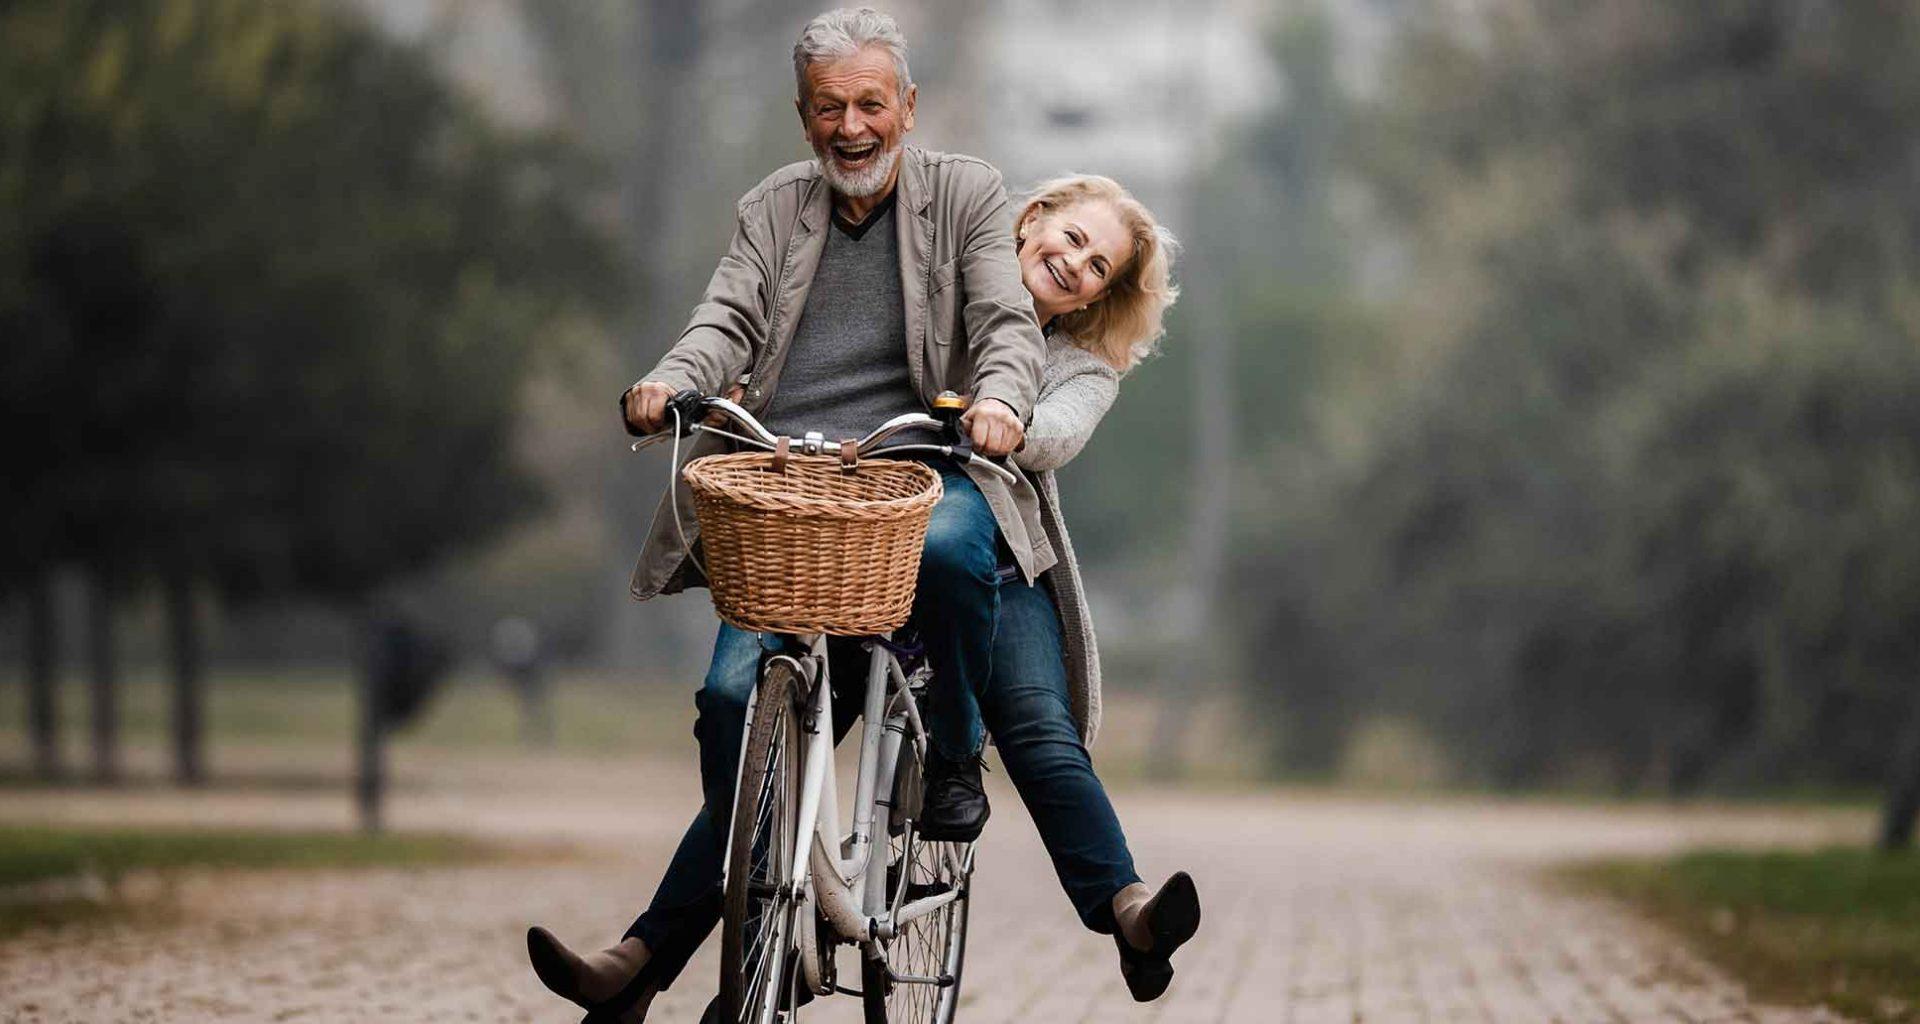 Jung gebliebenes Pärchen zusammen auf einem Fahrrad